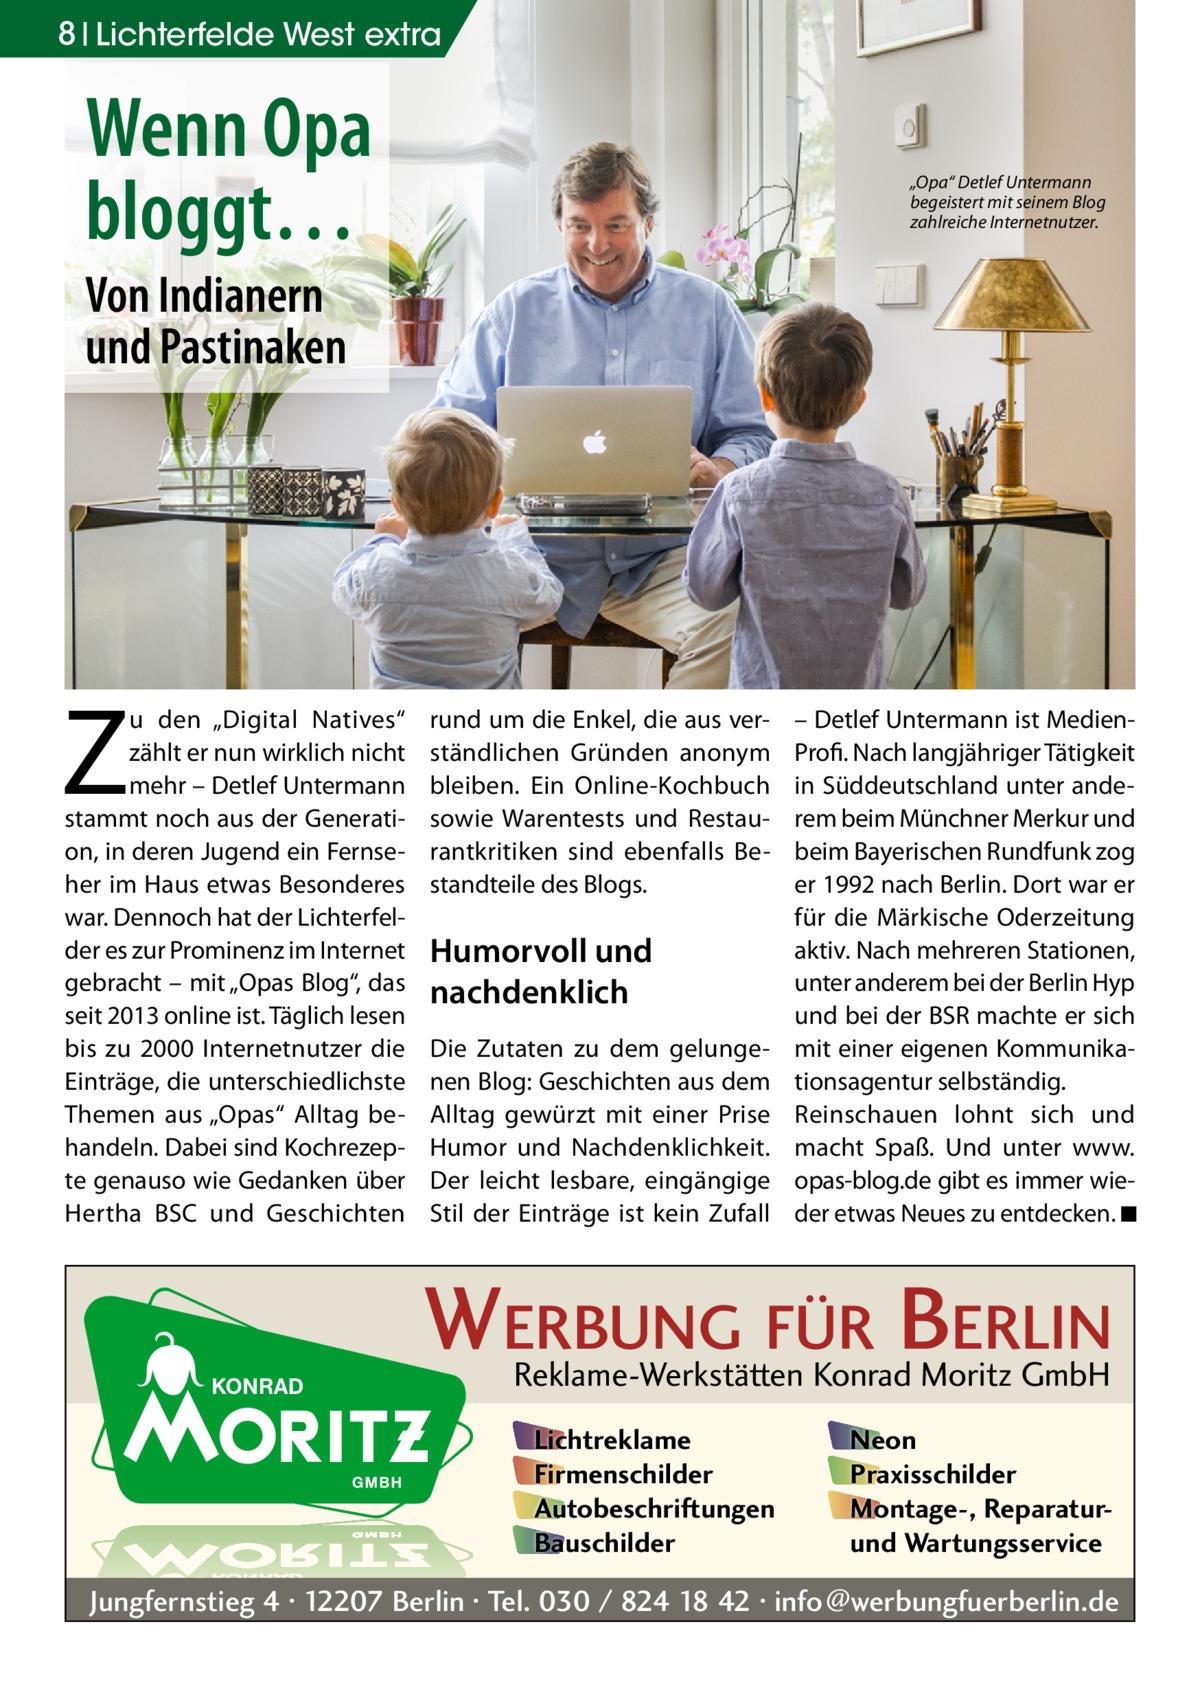 """8 Lichterfelde West extra  Wenn Opa bloggt…  """"Opa"""" Detlef Untermann begeistert mit seinem Blog zahlreiche Internetnutzer.  Von Indianern und Pastinaken  Z  u den """"Digital Natives"""" zählt er nun wirklich nicht mehr – Detlef Untermann stammt noch aus der Generation, in deren Jugend ein Fernseher im Haus etwas Besonderes war. Dennoch hat der Lichterfelder es zur Prominenz im Internet gebracht – mit """"Opas Blog"""", das seit 2013 online ist. Täglich lesen bis zu 2000 Internetnutzer die Einträge, die unterschiedlichste Themen aus """"Opas"""" Alltag behandeln. Dabei sind Kochrezepte genauso wie Gedanken über Hertha BSC und Geschichten  rund um die Enkel, die aus verständlichen Gründen anonym bleiben. Ein Online-Kochbuch sowie Warentests und Restaurantkritiken sind ebenfalls Bestandteile des Blogs.  Humorvoll und nachdenklich Die Zutaten zu dem gelungenen Blog: Geschichten aus dem Alltag gewürzt mit einer Prise Humor und Nachdenklichkeit. Der leicht lesbare, eingängige Stil der Einträge ist kein Zufall  – Detlef Untermann ist MedienProfi. Nach langjähriger Tätigkeit in Süddeutschland unter anderem beim Münchner Merkur und beim Bayerischen Rundfunk zog er 1992 nach Berlin. Dort war er für die Märkische Oderzeitung aktiv. Nach mehreren Stationen, unter anderem bei der Berlin Hyp und bei der BSR machte er sich mit einer eigenen Kommunikationsagentur selbständig. Reinschauen lohnt sich und macht Spaß. Und unter www. opas-blog.de gibt es immer wieder etwas Neues zu entdecken. ◾  WERBUNG FÜR BERLIN Reklame-Werkstätten Konrad Moritz GmbH Lichtreklame Firmenschilder Autobeschriftungen Bauschilder  Neon Praxisschilder Montage-, Reparaturund Wartungsservice  Jungfernstieg 4 · 12207 Berlin · Tel. 030 / 824 18 42 · info@werbungfuerberlin.de"""